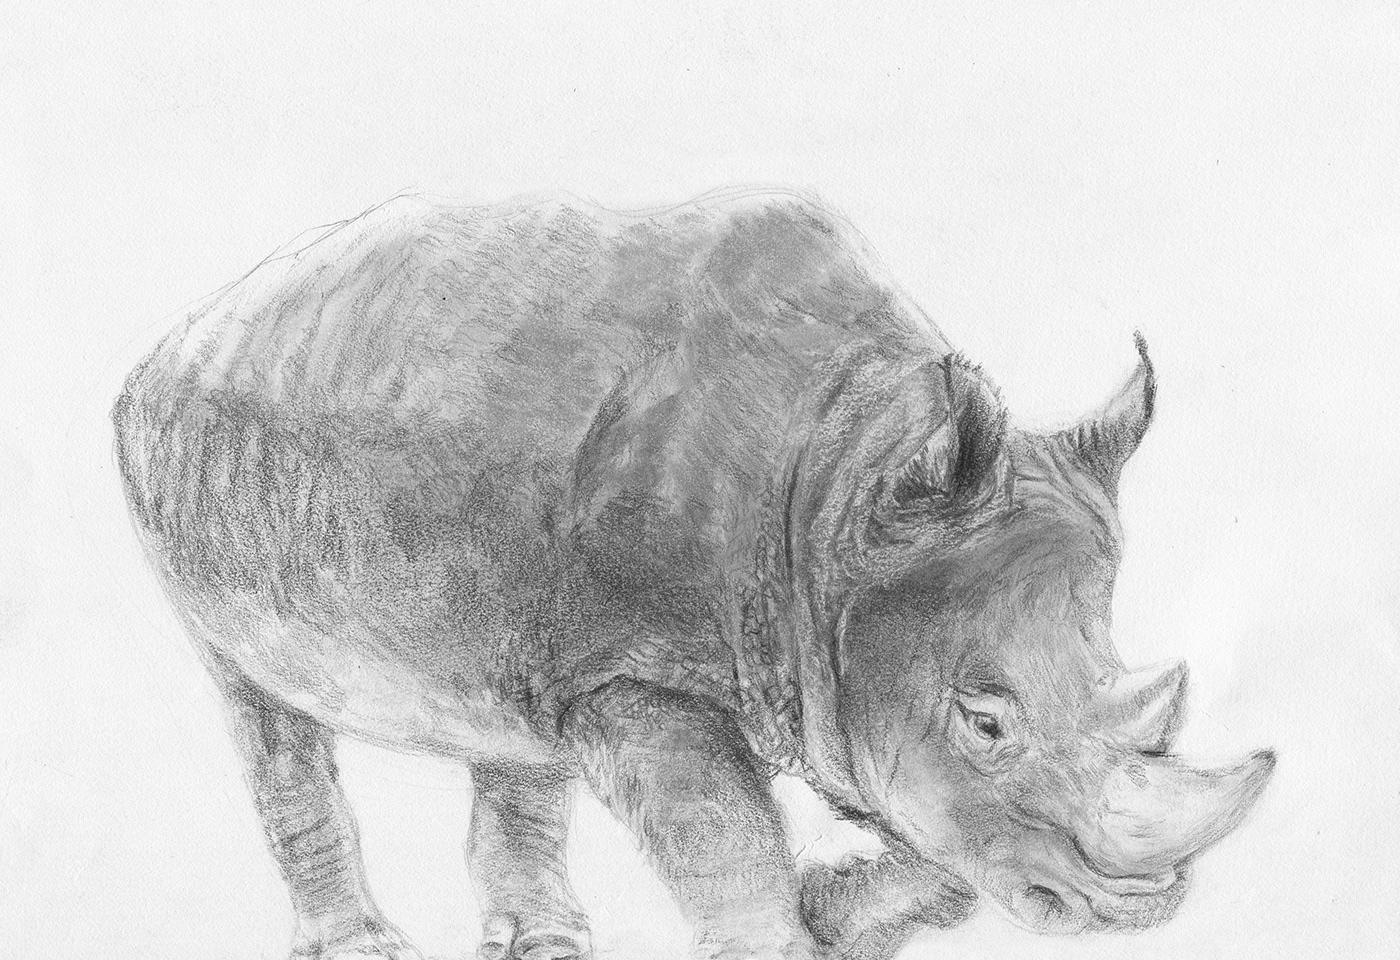 Rhinoceros Sketch